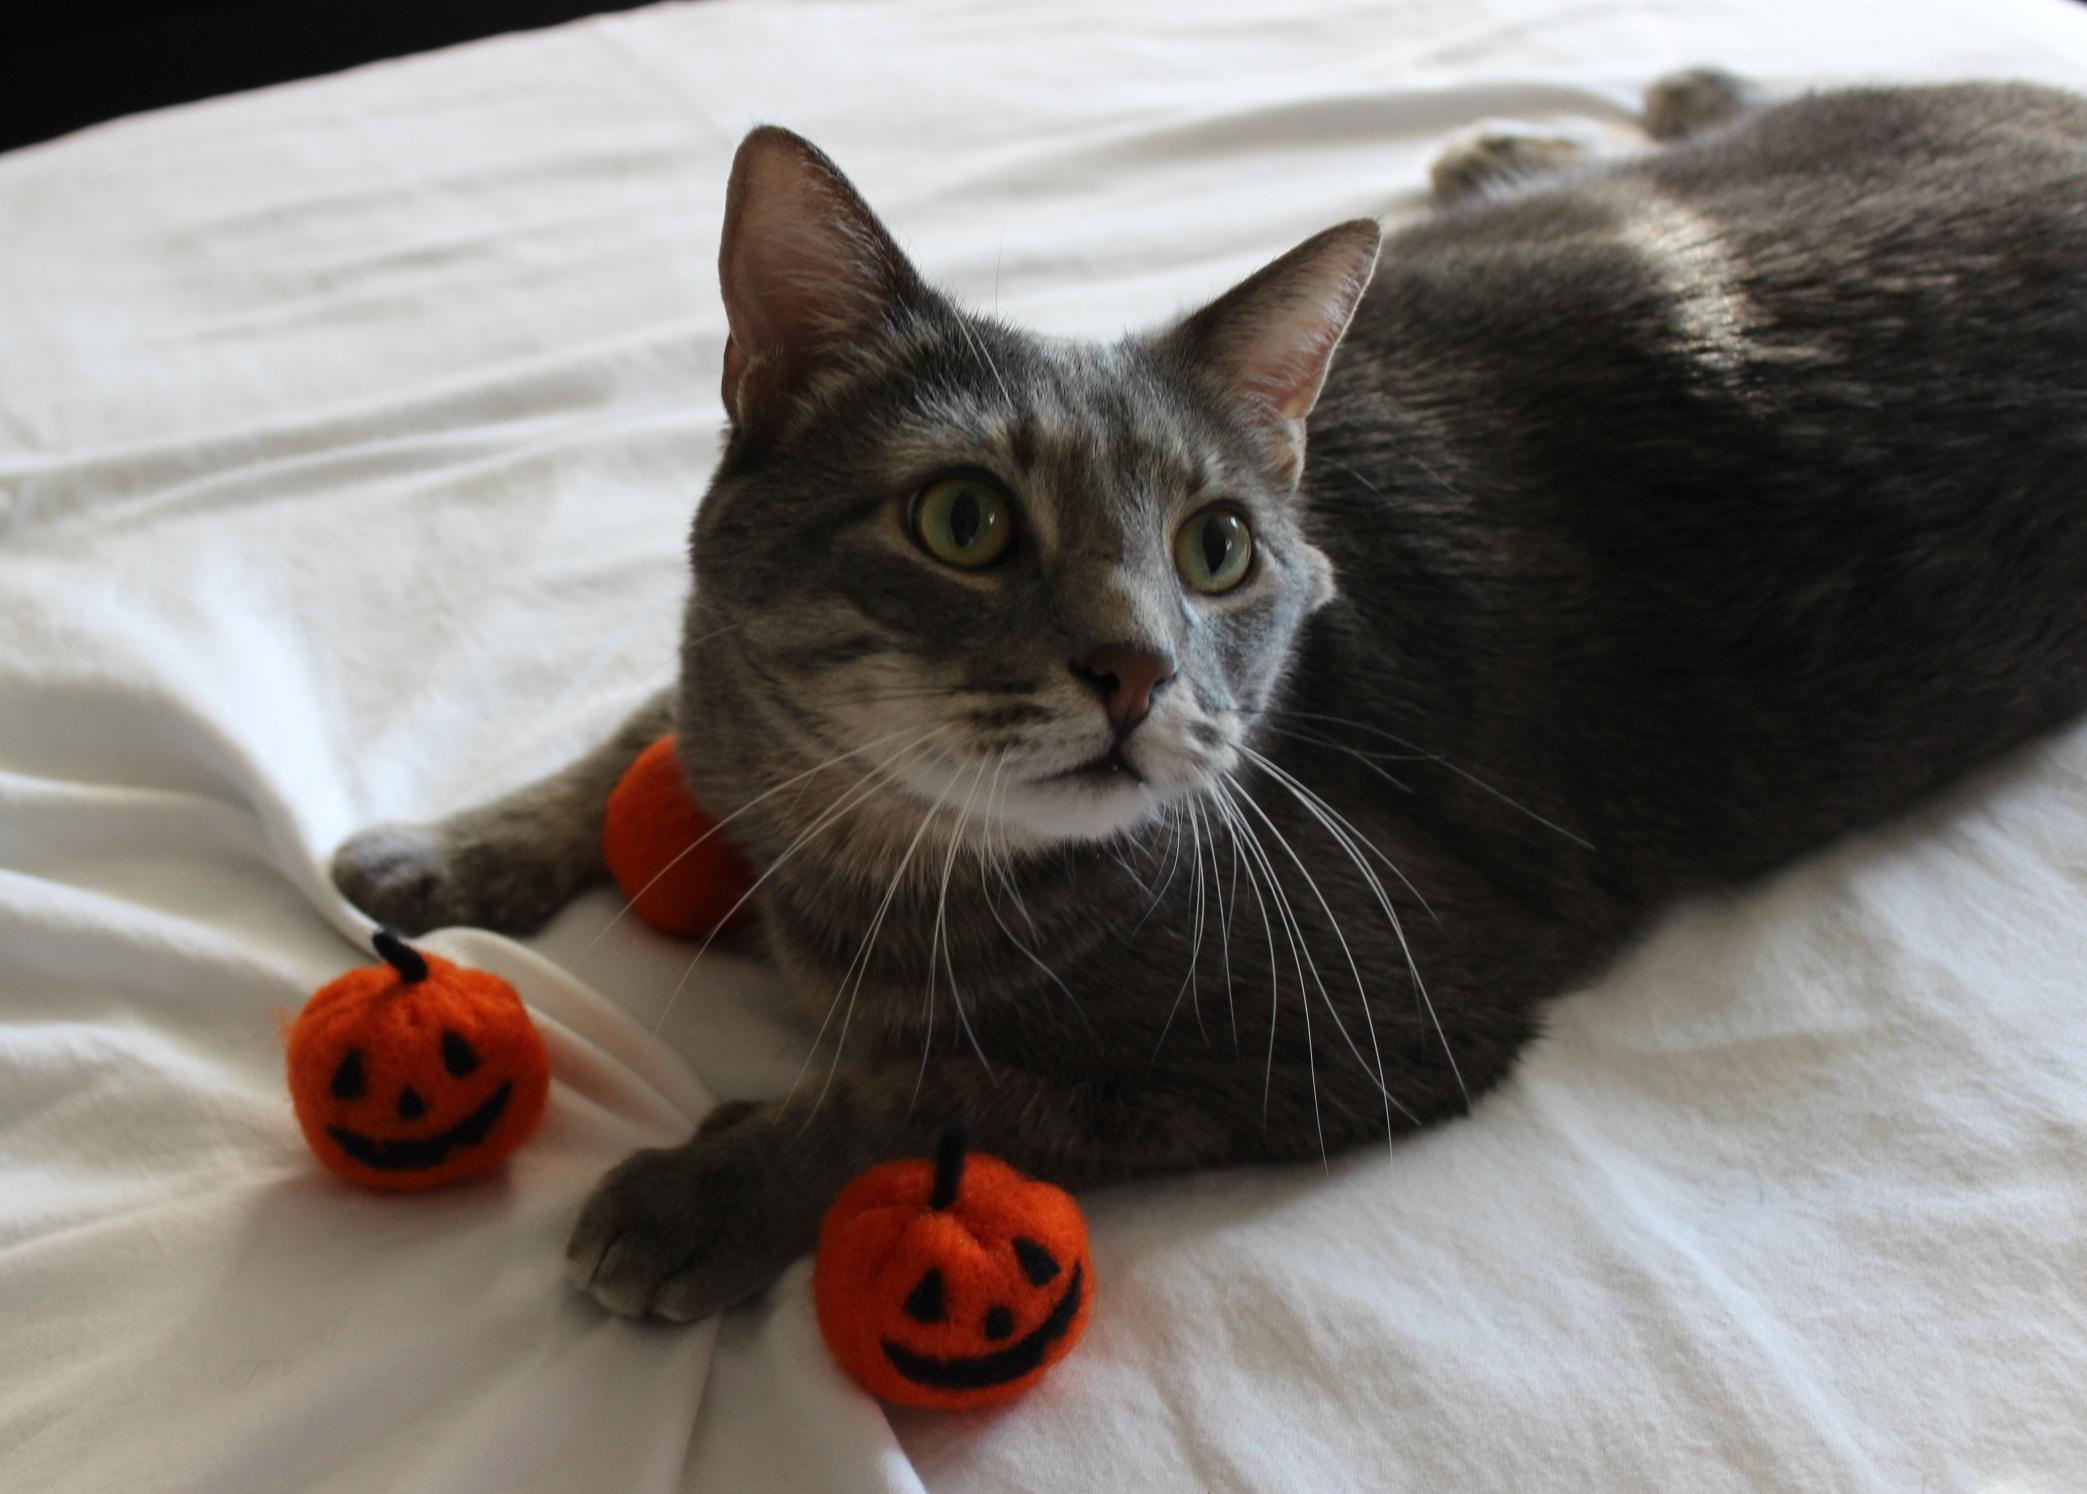 Seasonally themed kitty toys for a seasonally themed kitty